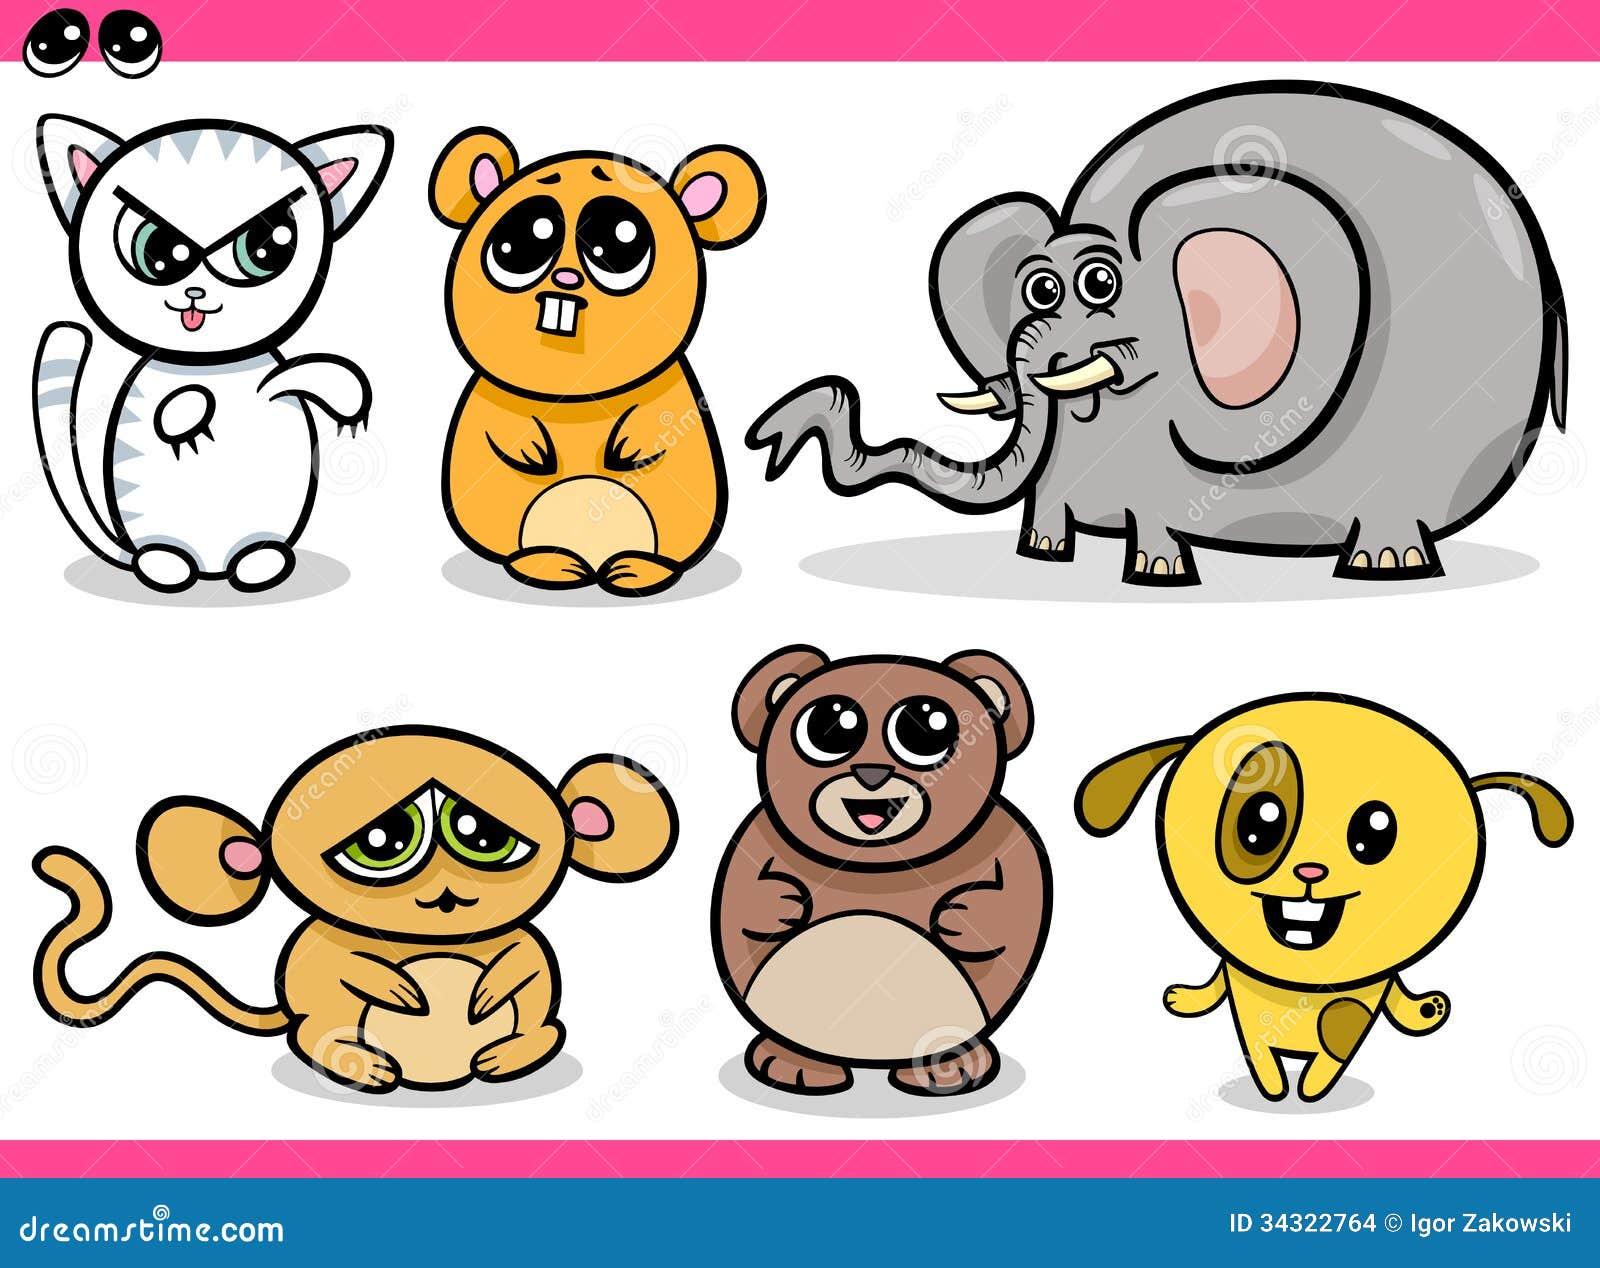 Cute Kawaii Animals Cartoons Stock Images - Image: 34322764